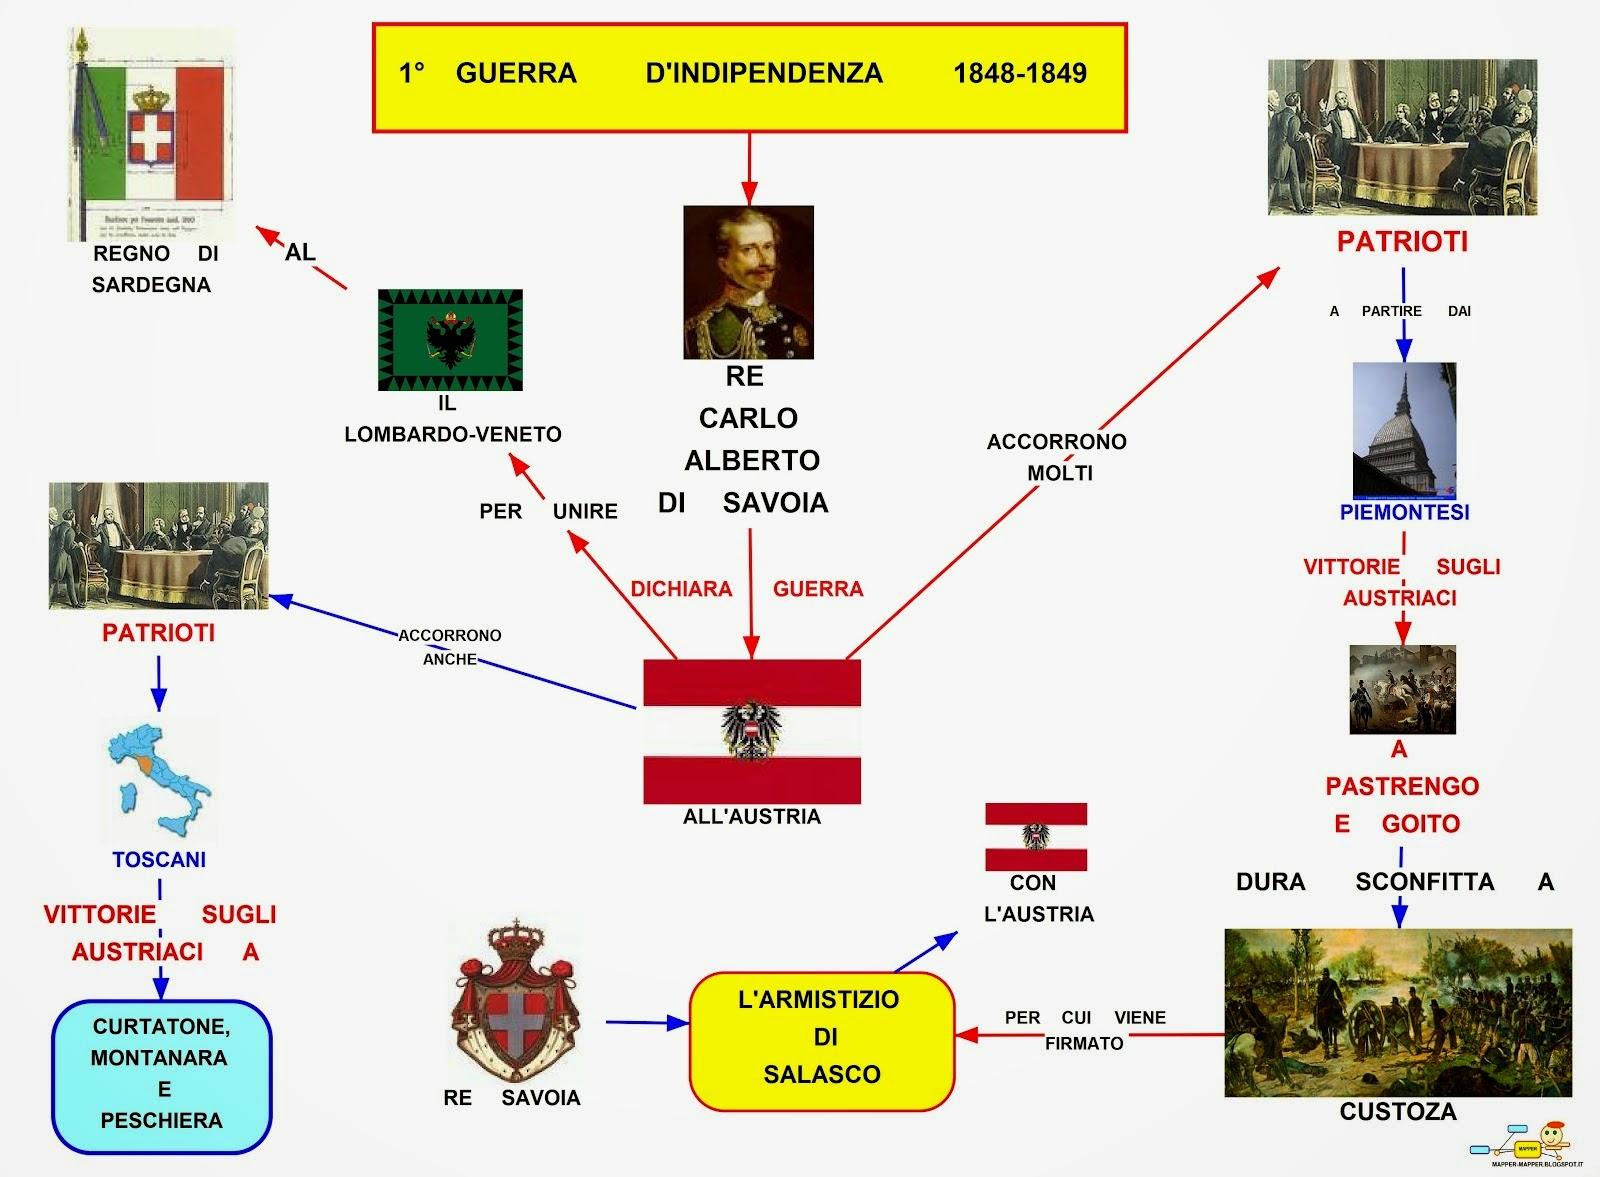 Mappa Concettuale 1 Guerra Dindipendenza Scuolissimacom